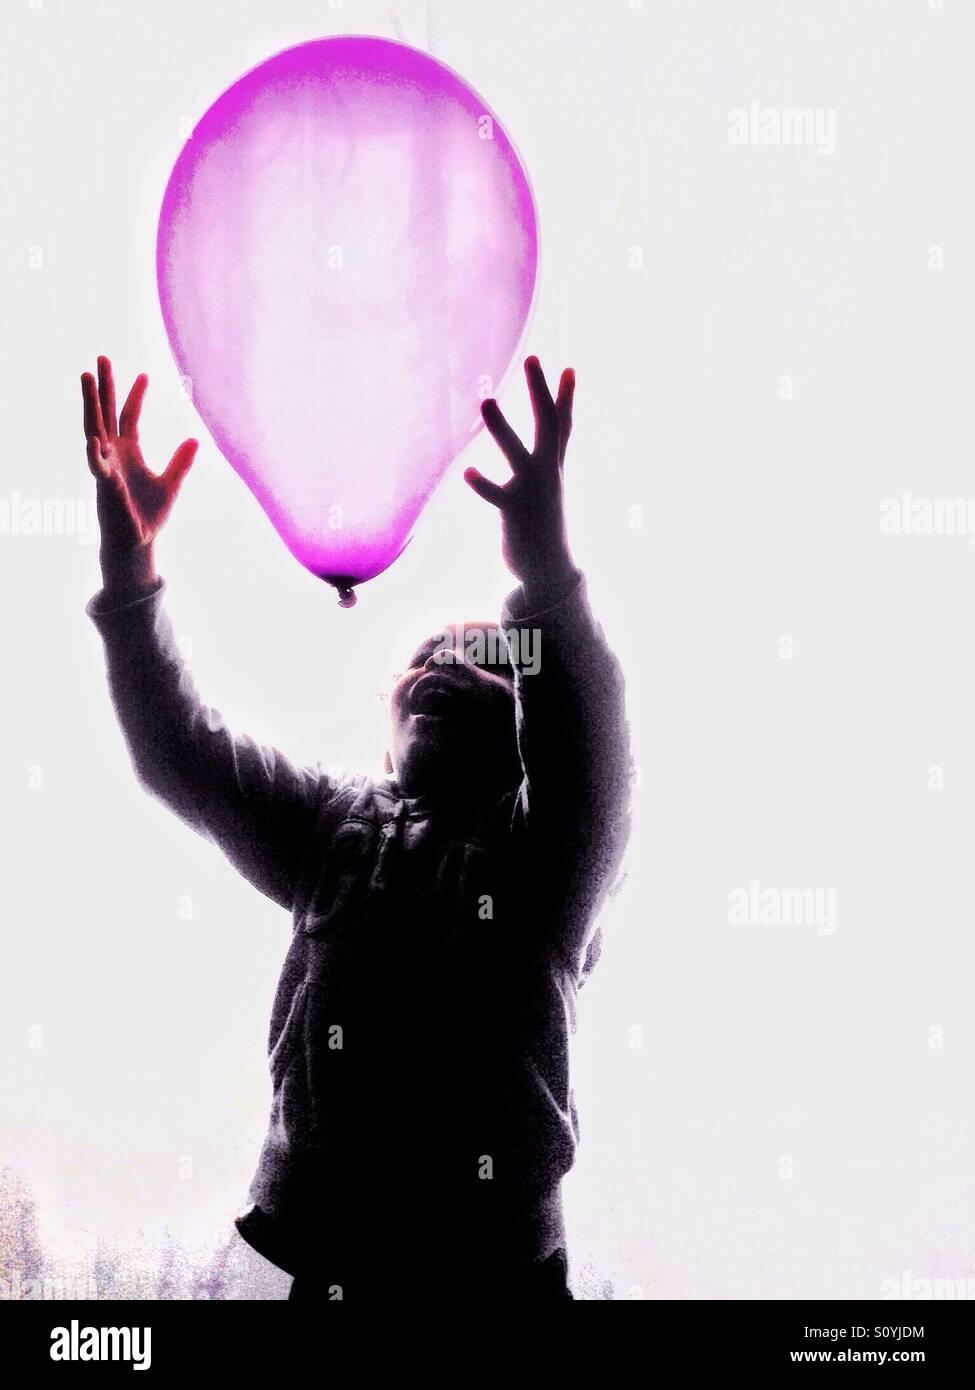 Rapaz de apanhar um balão de cor-de-rosa. Imagens de Stock